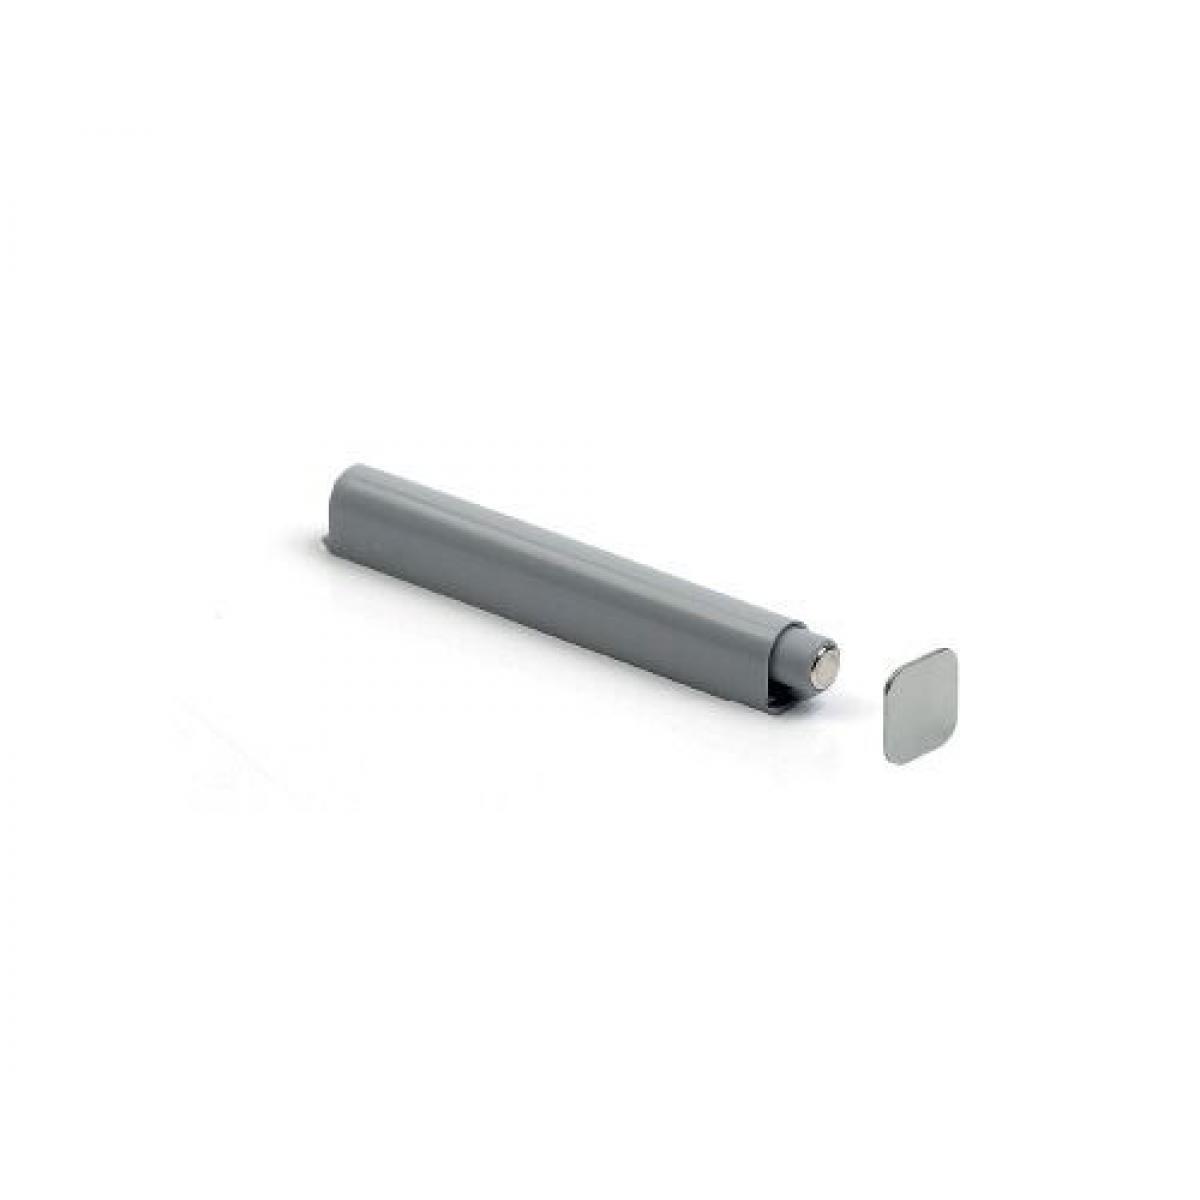 Механизм Impuls накладной 40мм цвет серый магнит на липучке